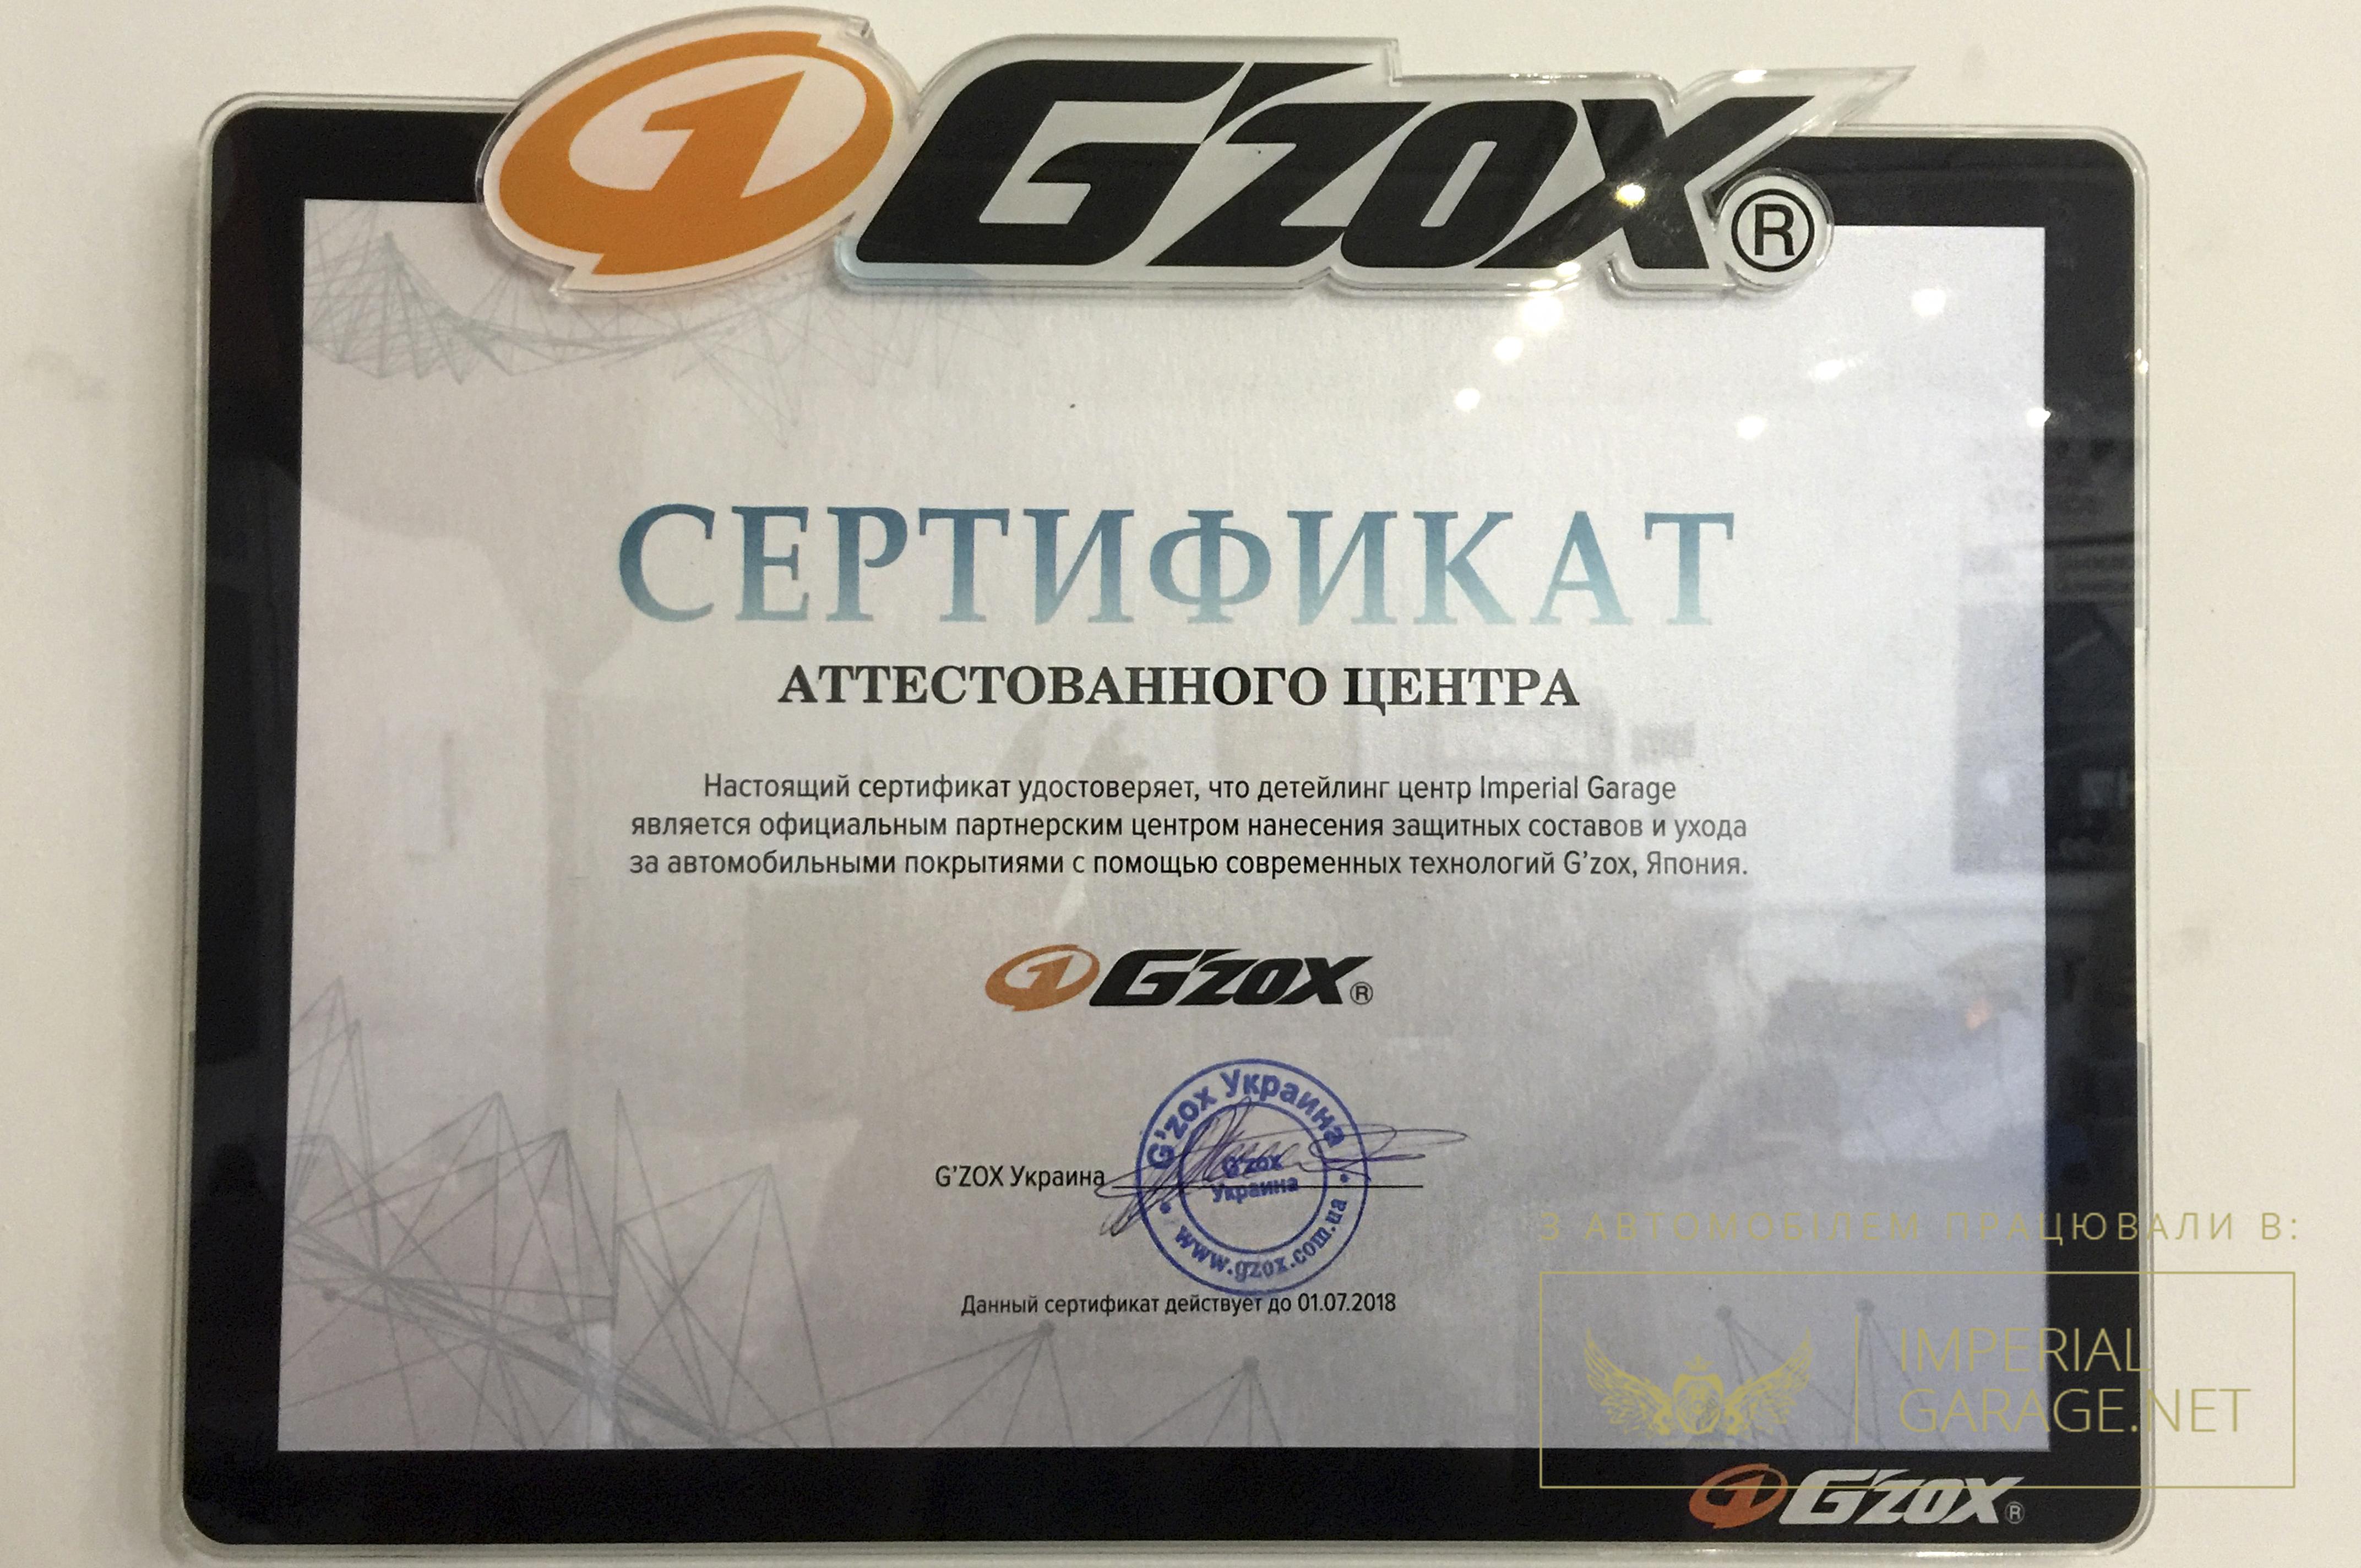 Сертифікат атестованого центру по захисту автомобілей